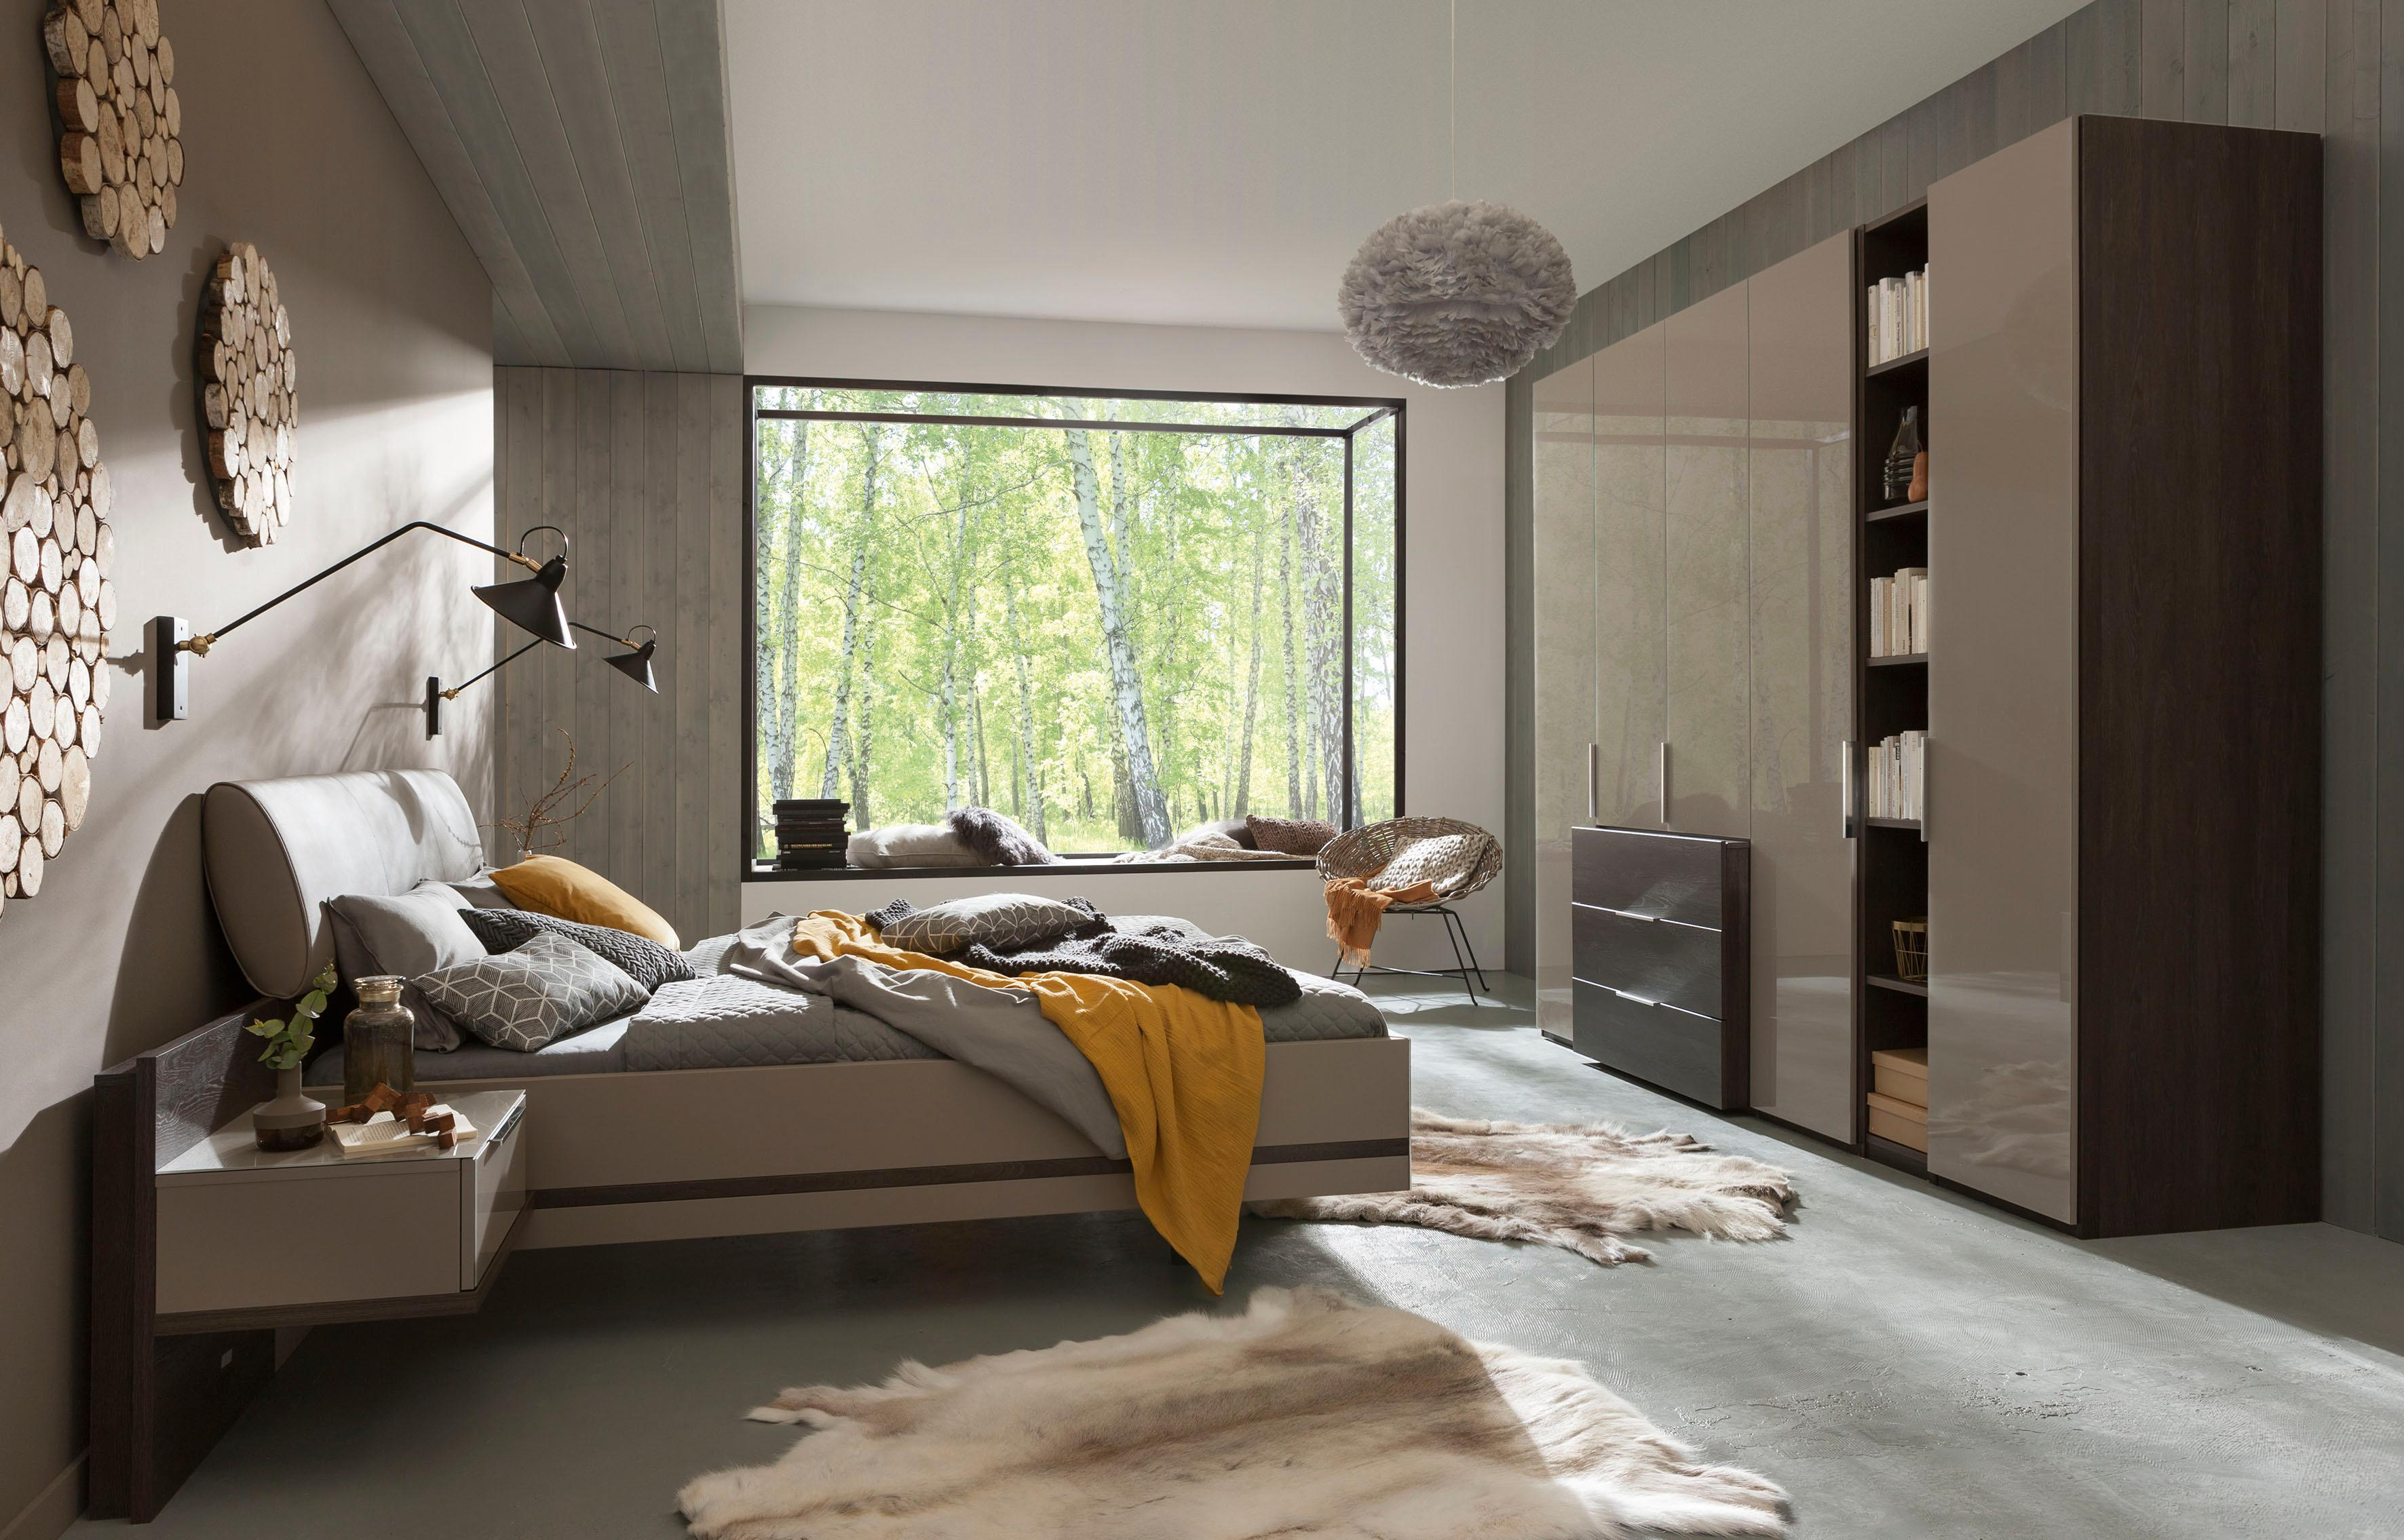 grau-abs Komplett-Schlafzimmer online kaufen | Möbel-Suchmaschine ...